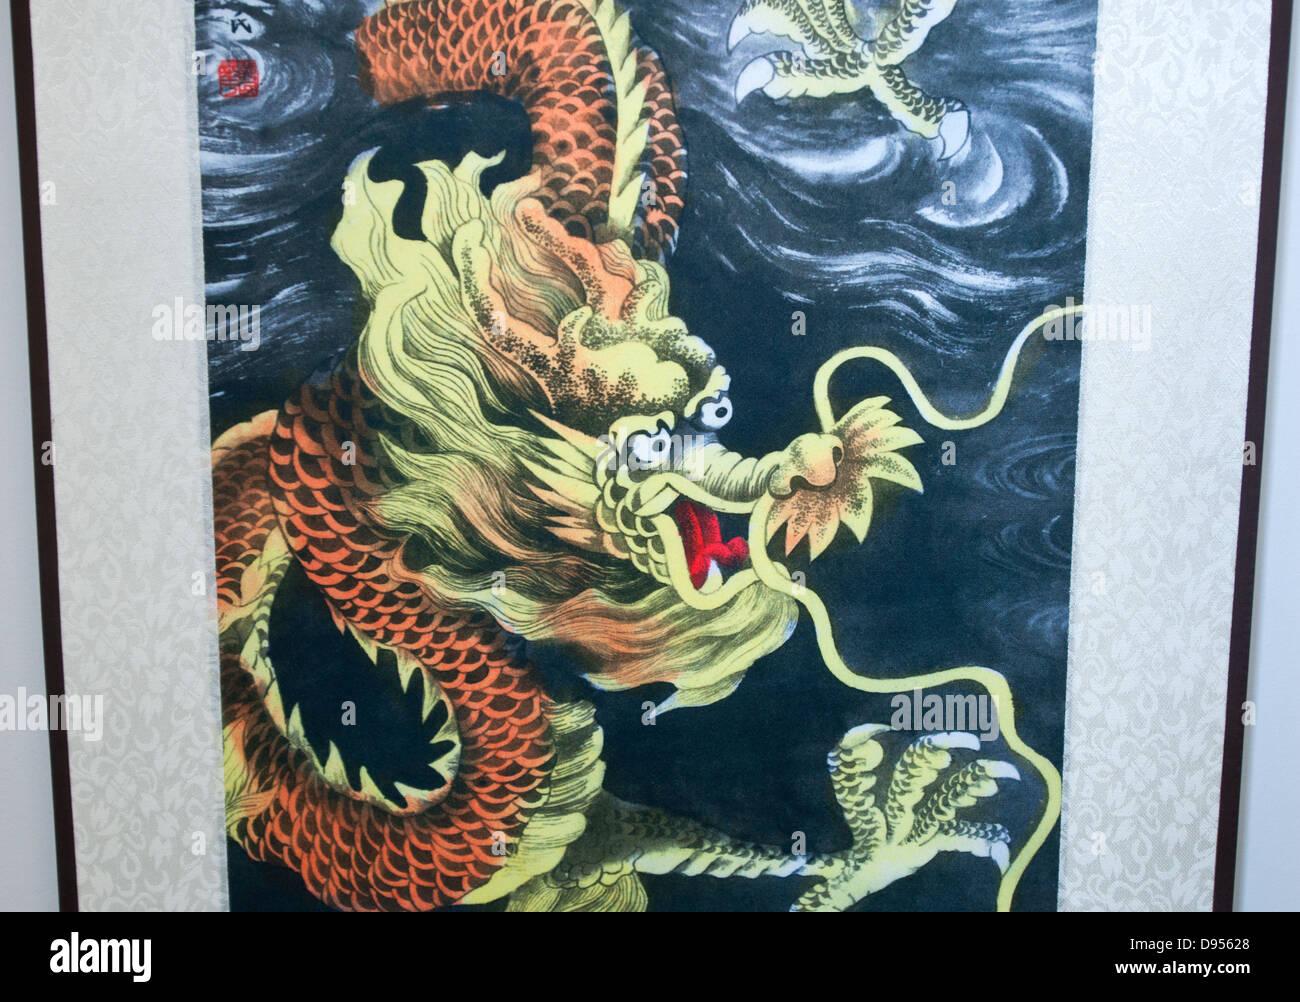 Traditionelle Chinesische Kunst Im Kleinen Atelier Des Jungen Kunstlers In Peking China Stockfotografie Alamy